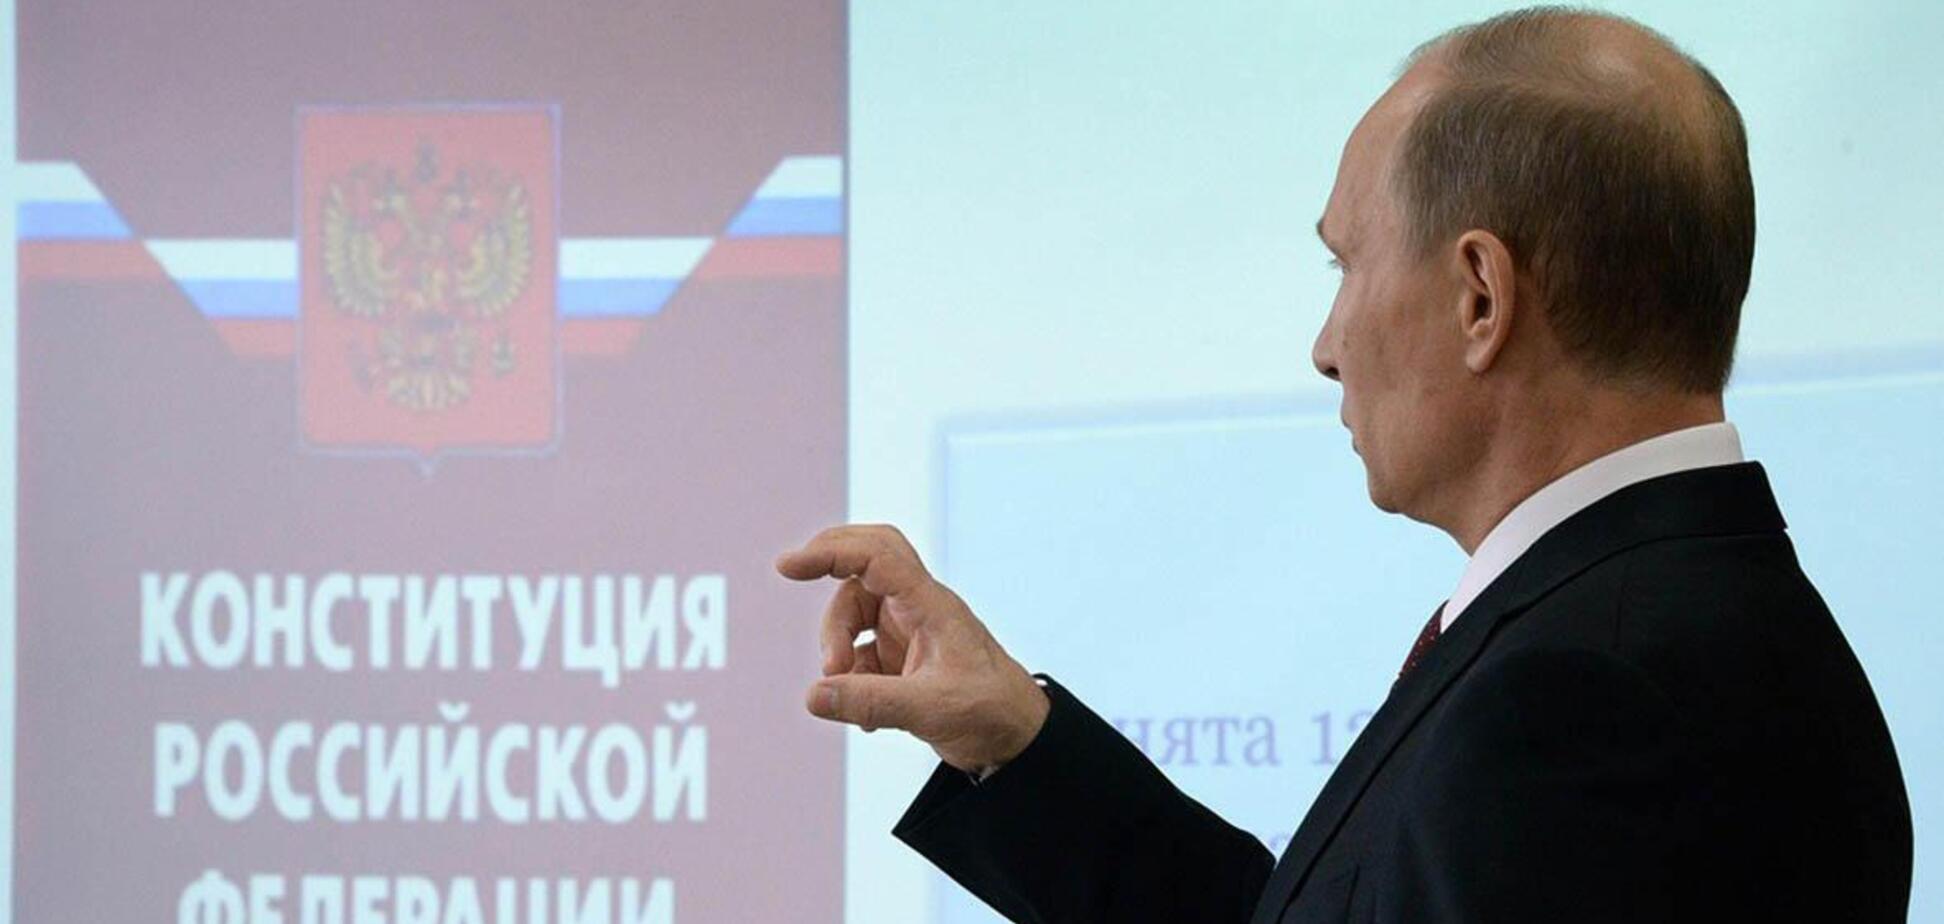 Новая искренность шокирует российское общество